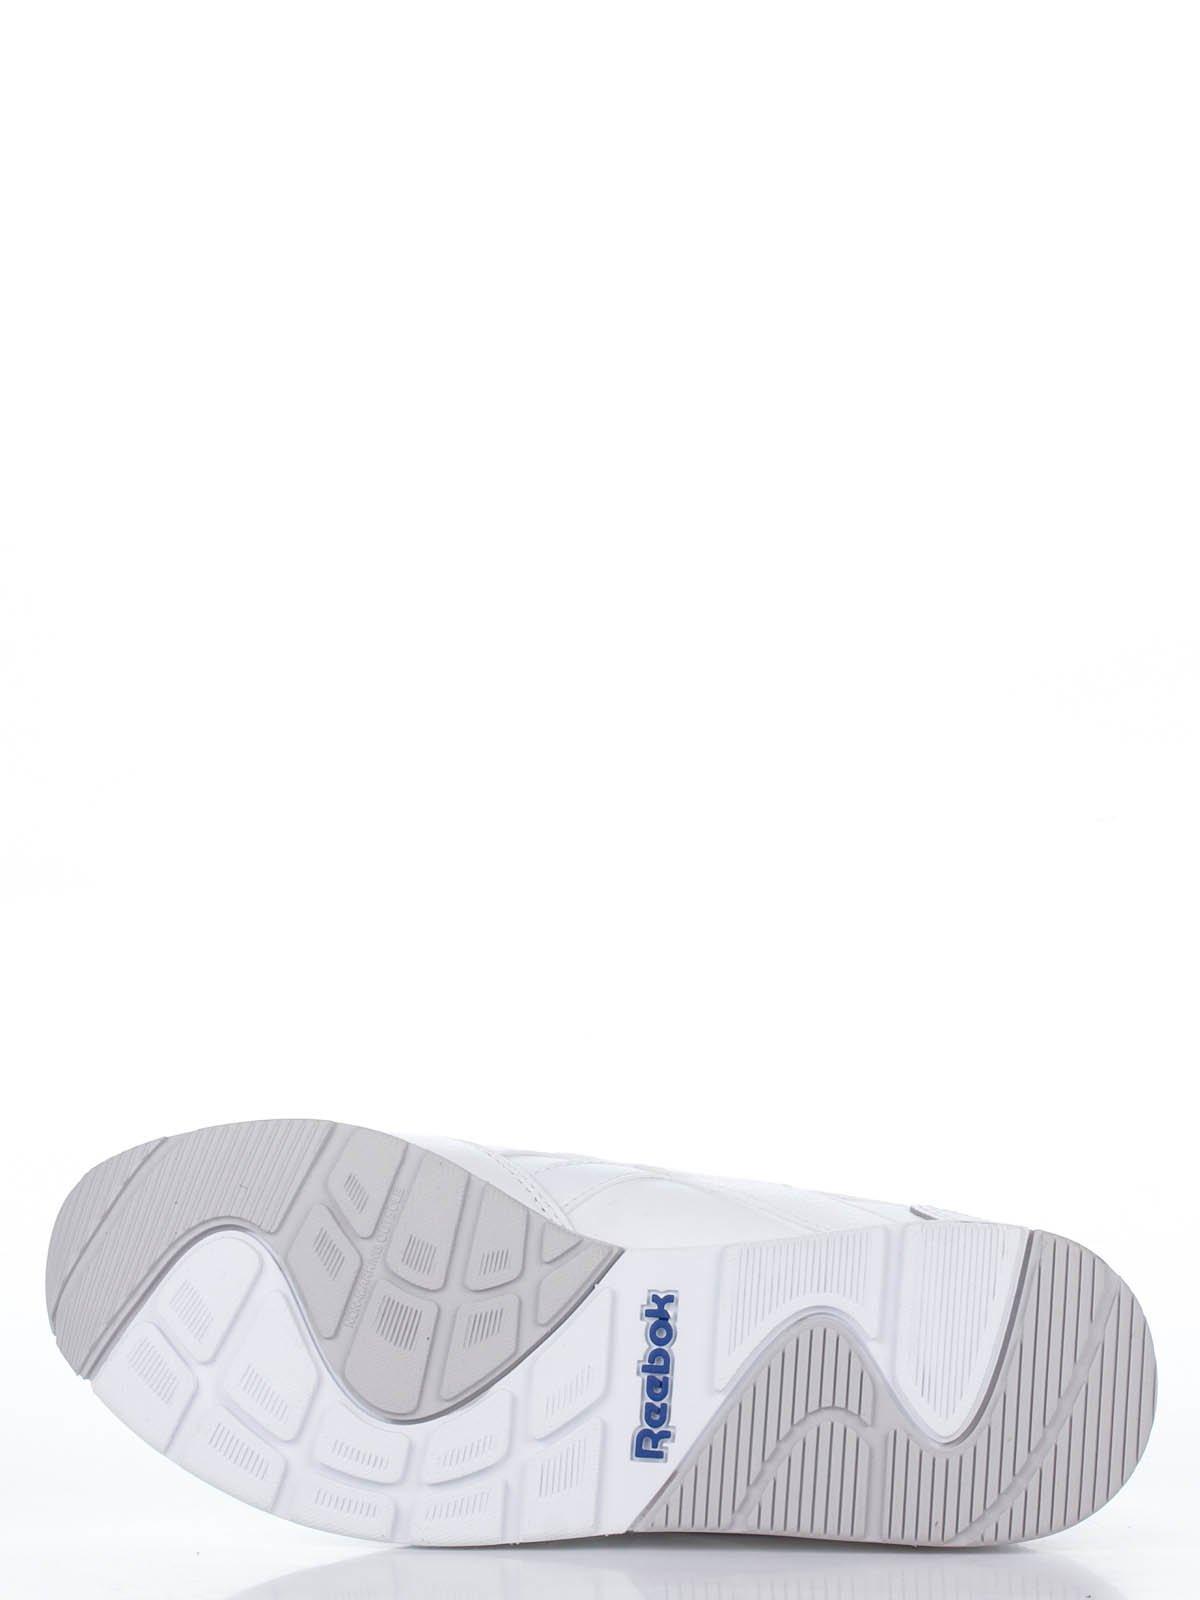 Кроссовки белые | 2001192 | фото 4